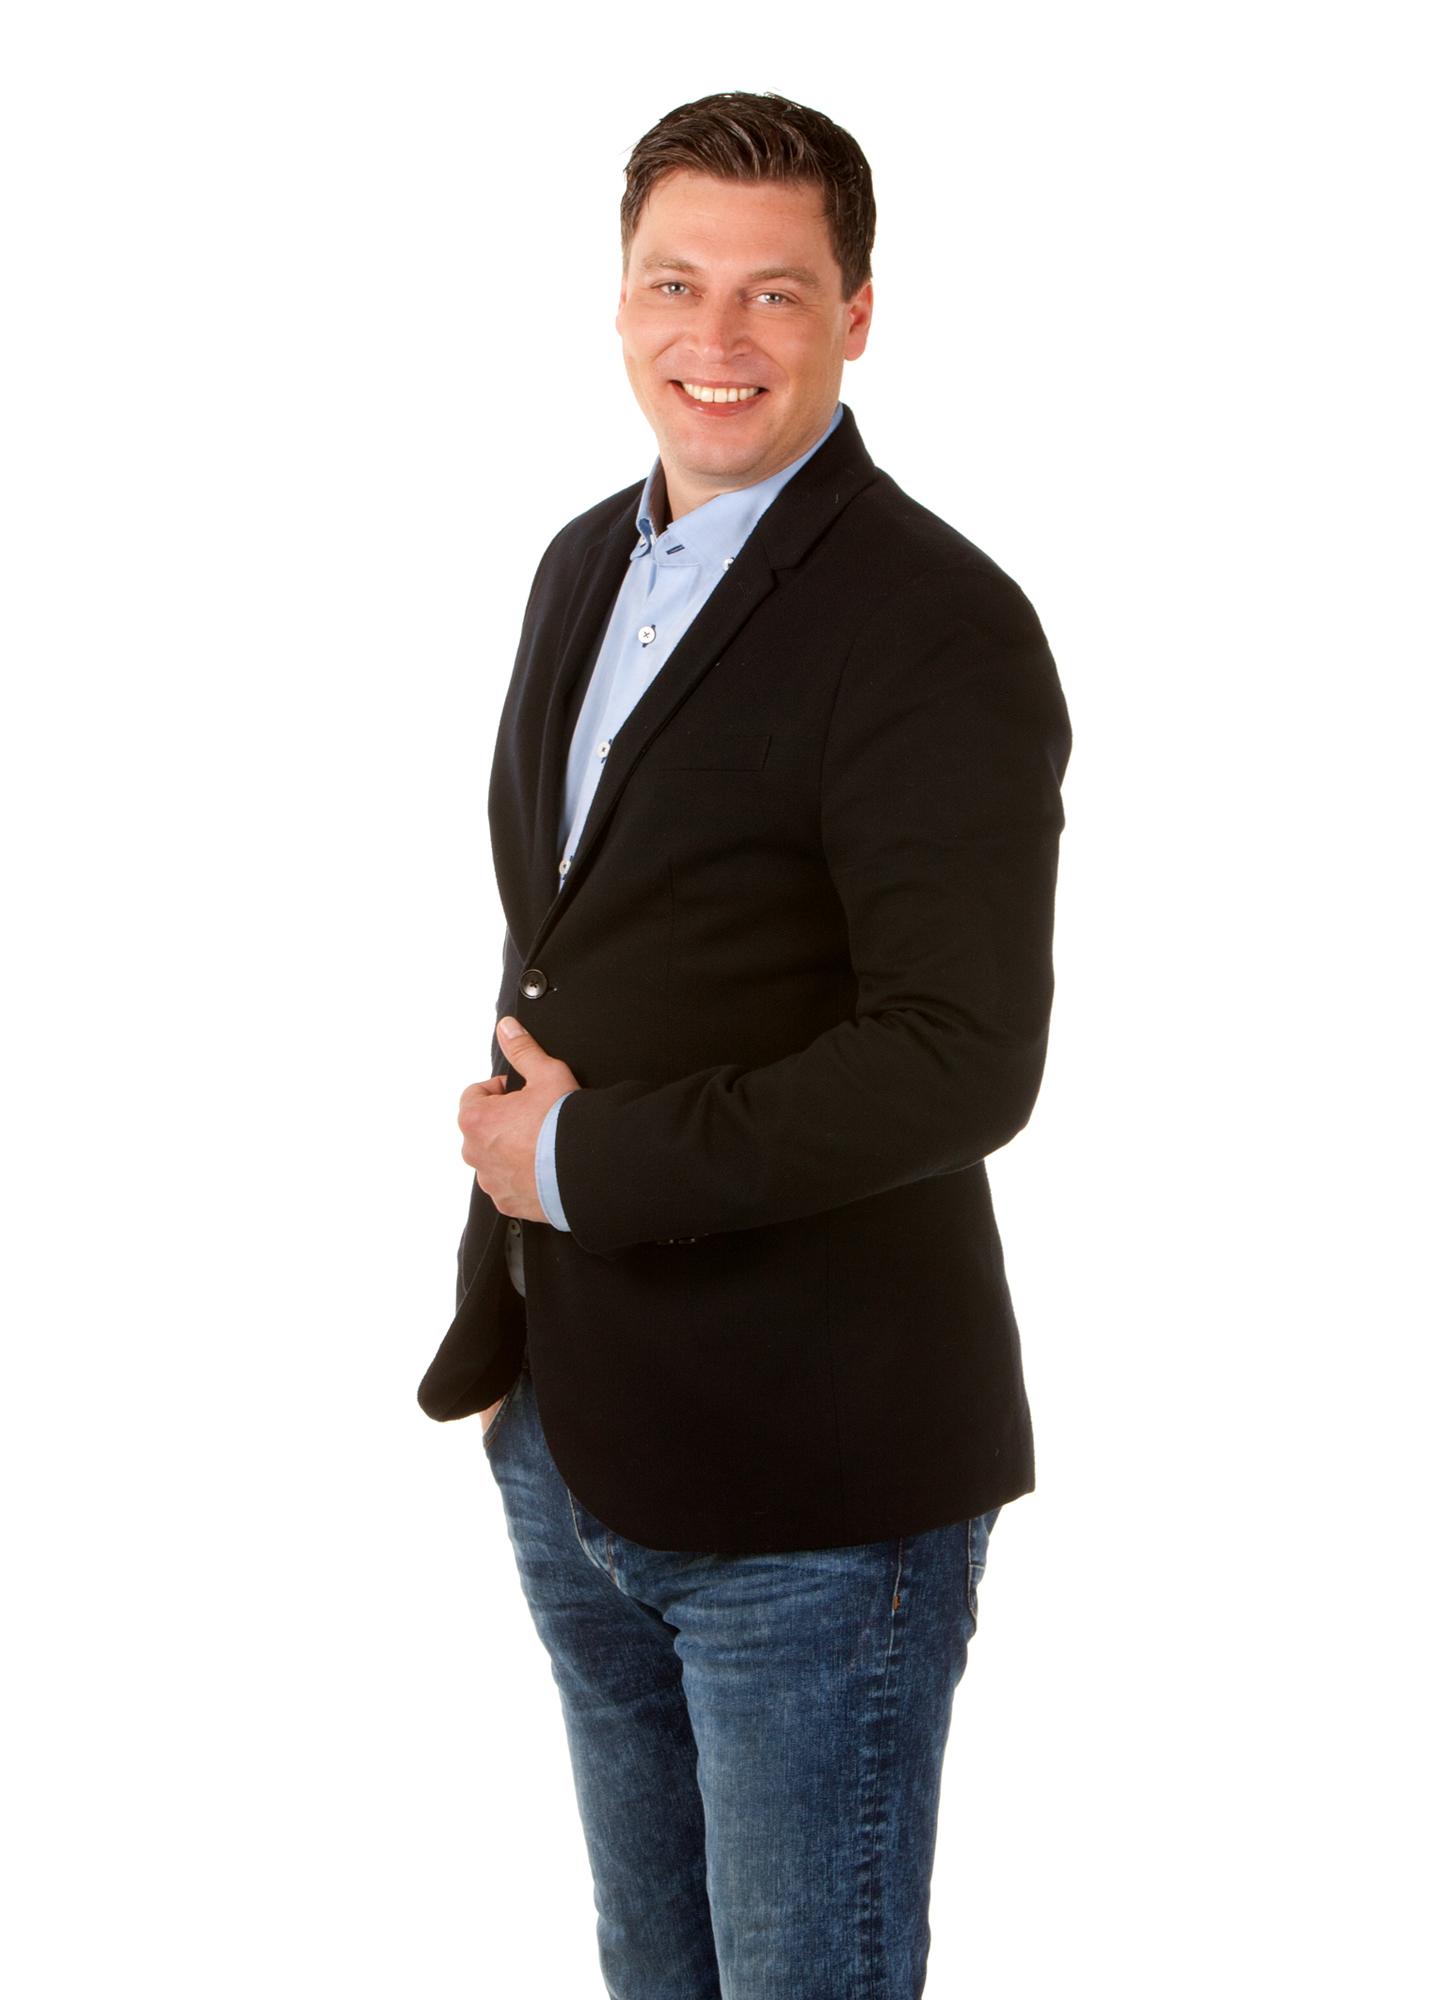 Michel van der Neut, Inbound Sales